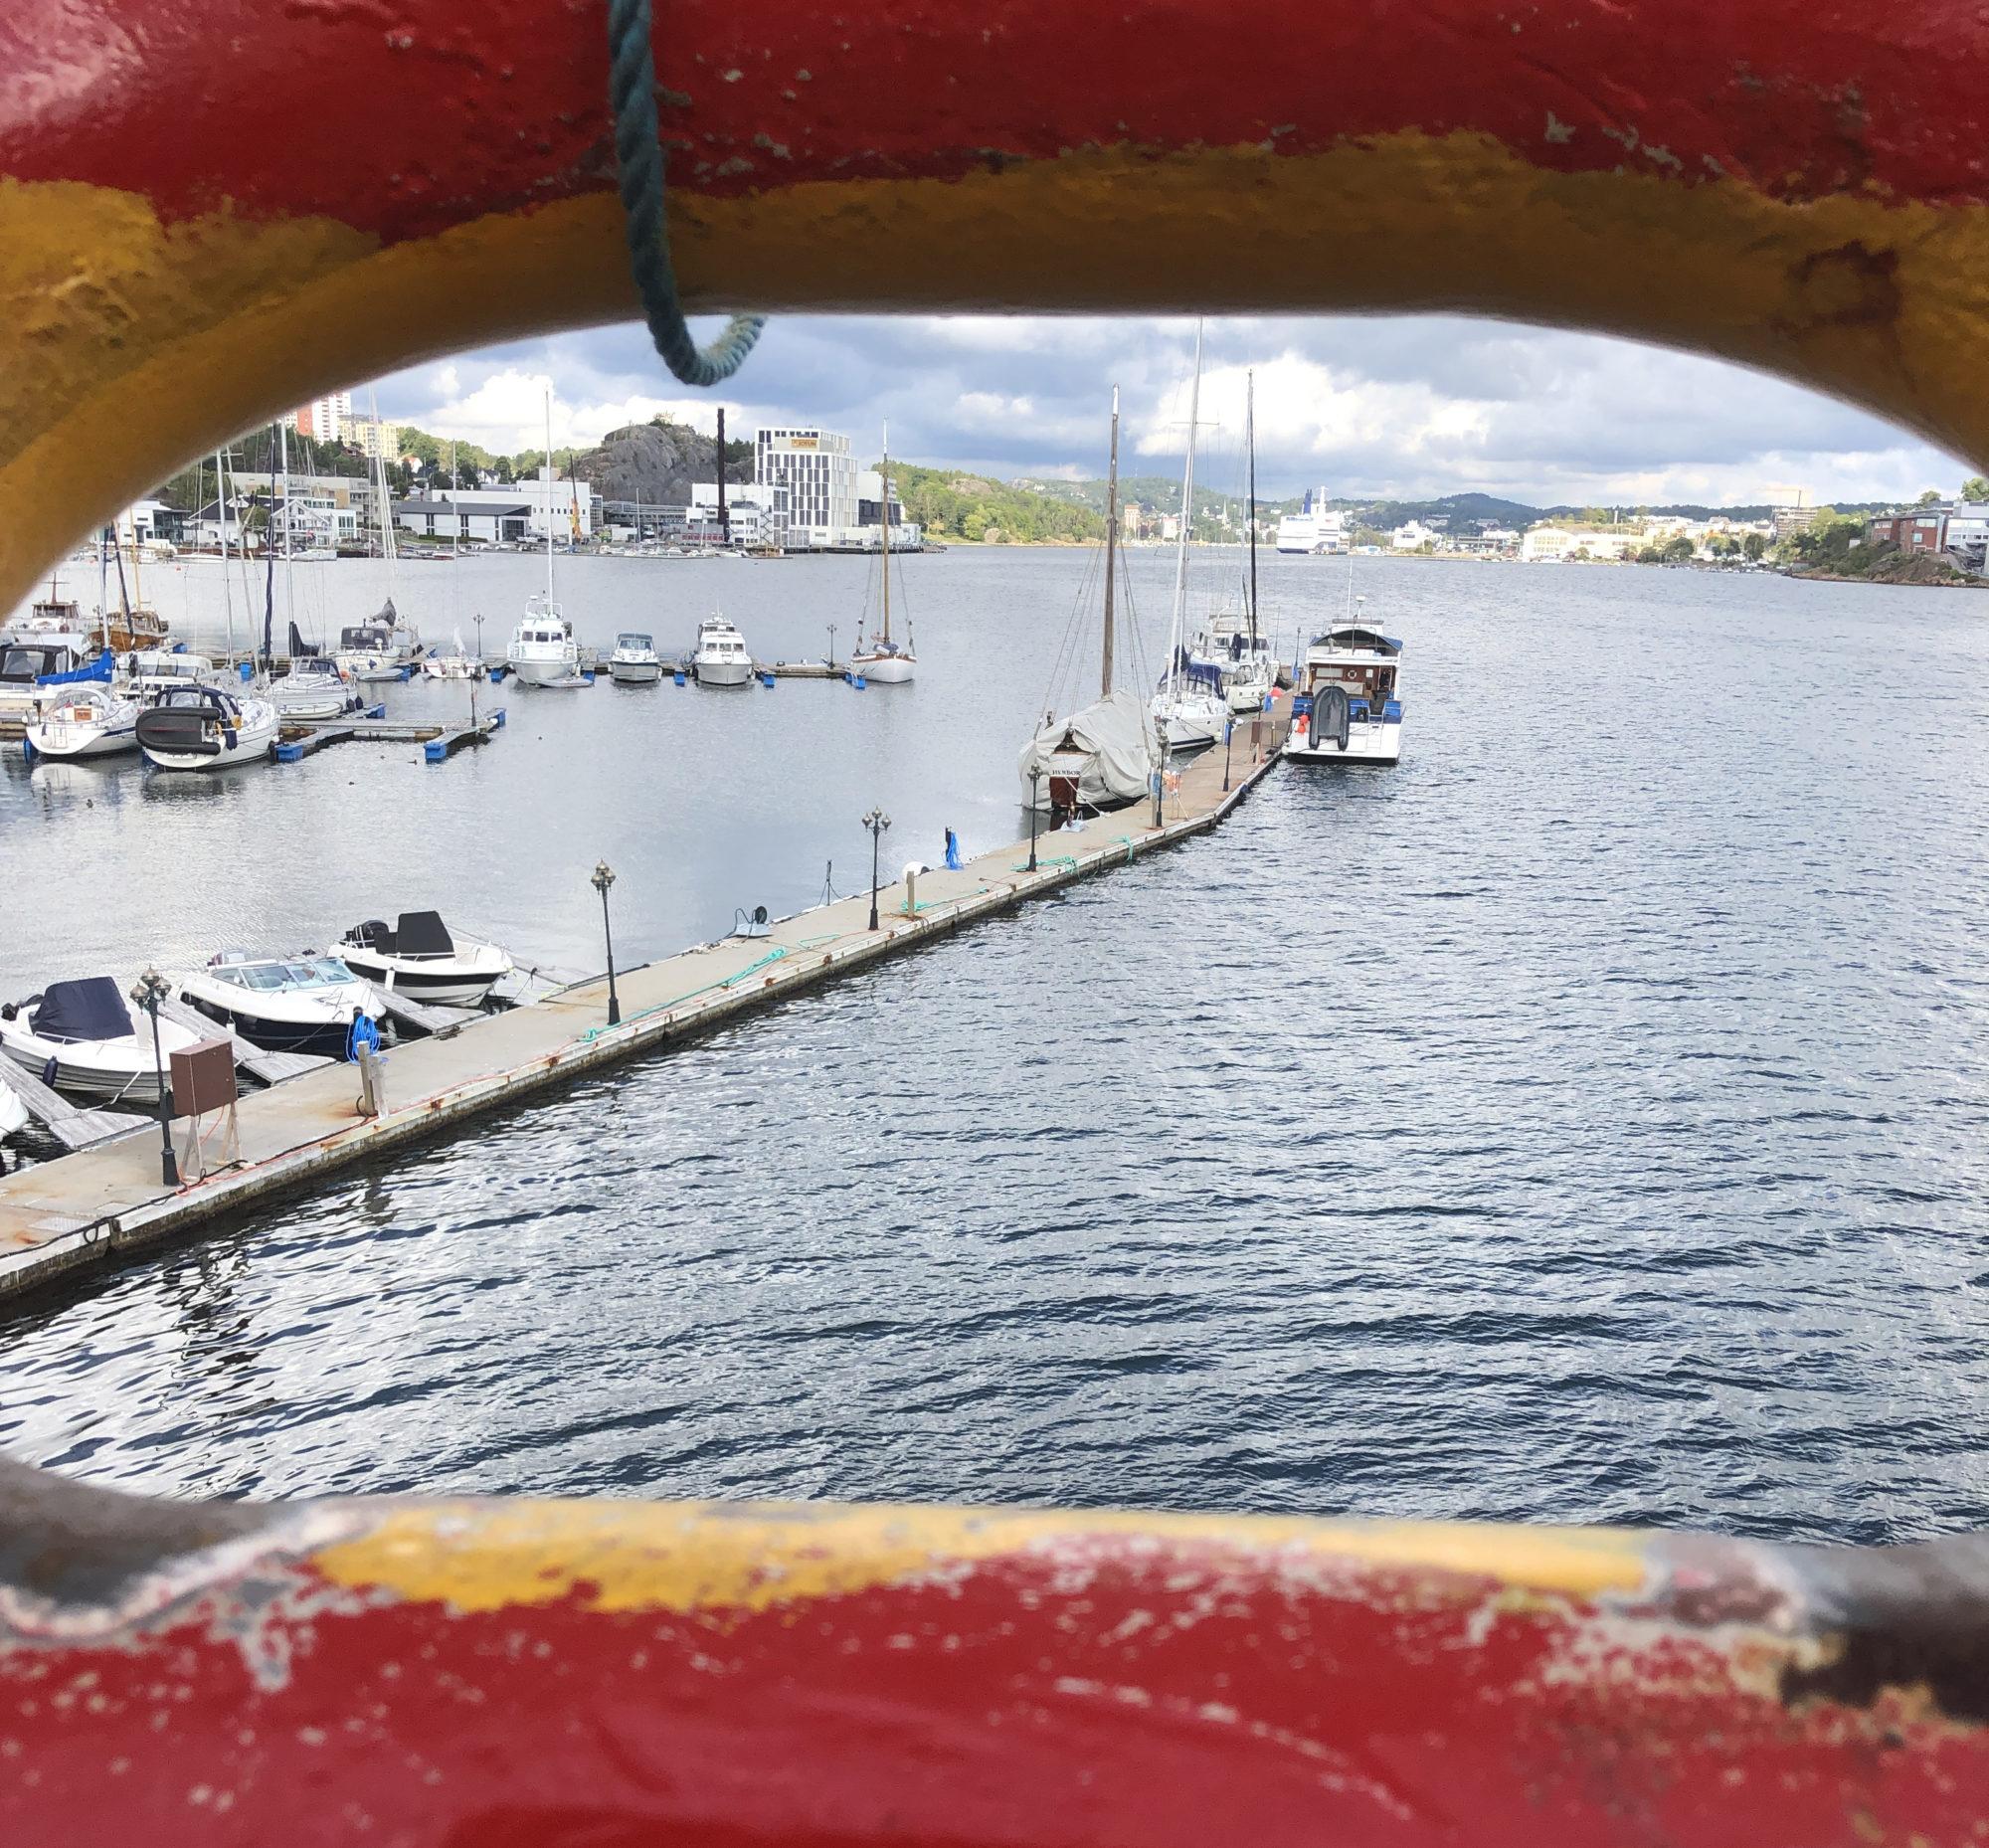 <strong>Bare se, ikke røre seg.</strong> Utsikten fra baugen inn til Sandefjord sentrum. Dit kan de seile rundt én gang i måneden på dispensasjon. De må inn for å tømme skipets septiktanker. Foto: Fjord Line